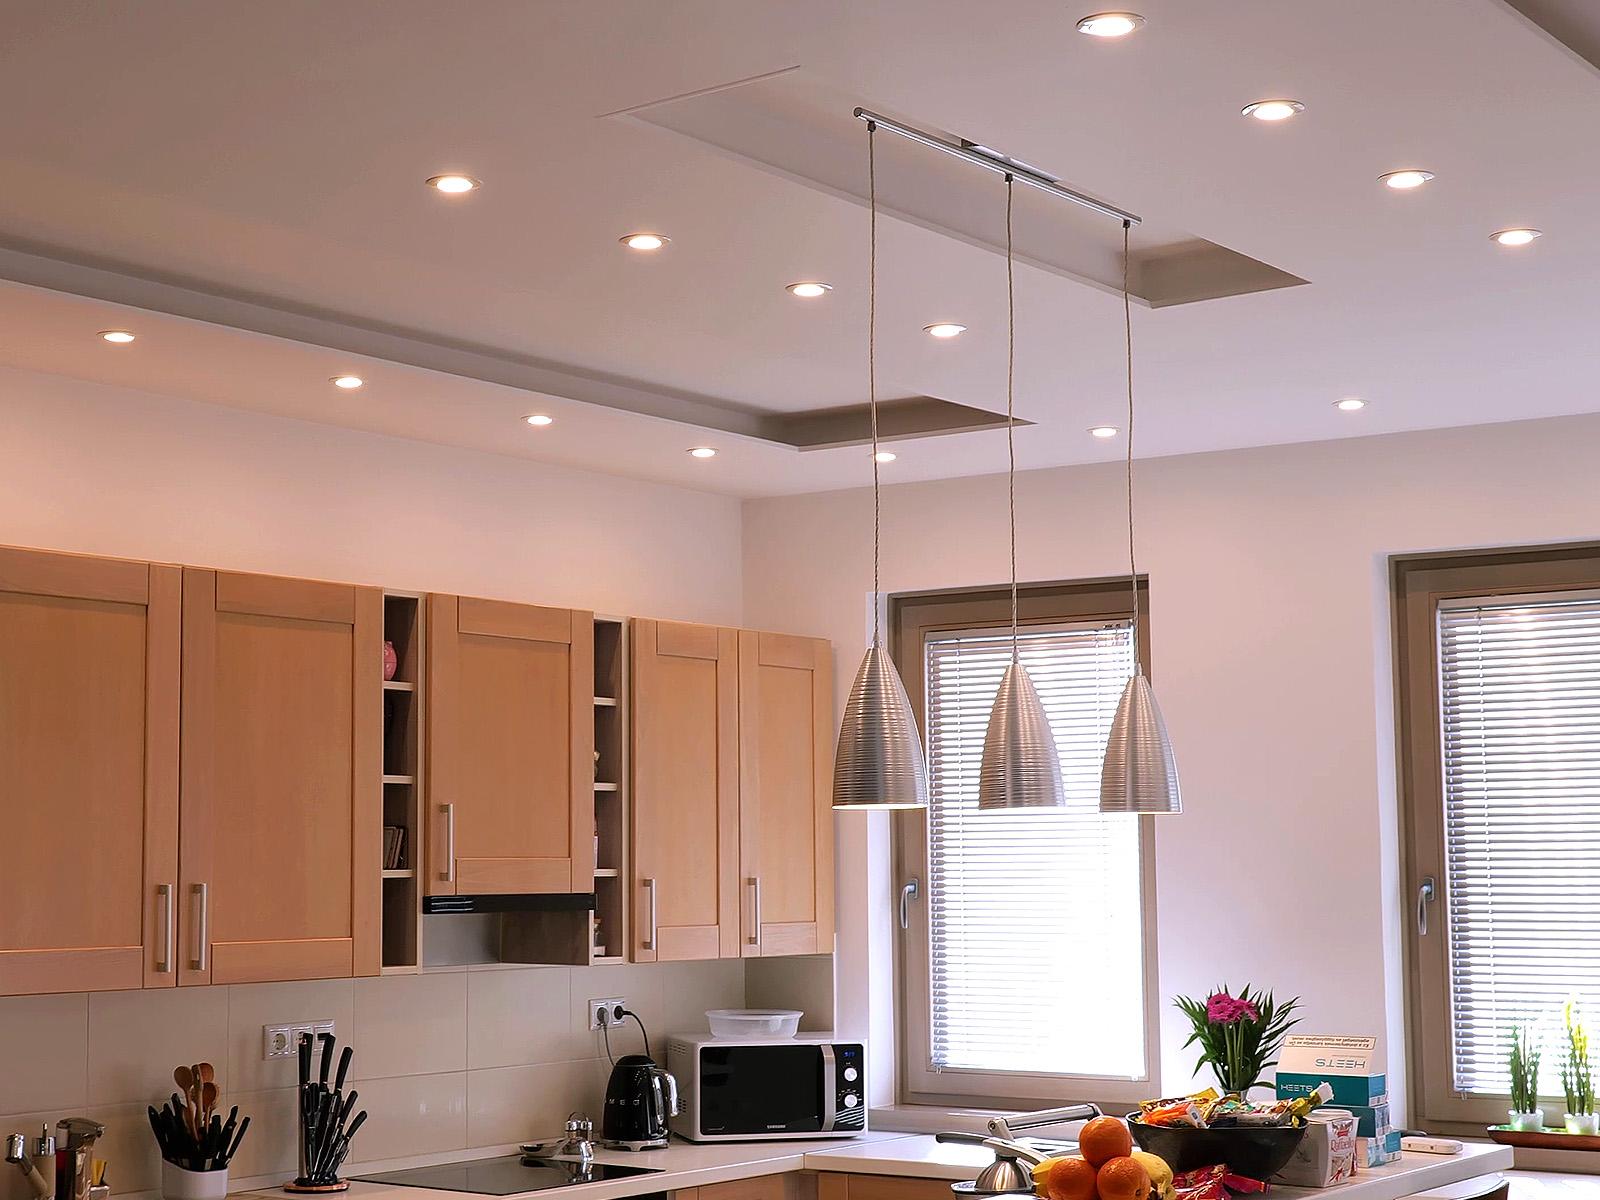 Általános világítás konyhában, melyhez 120° sugárzási szögű LED spot izzókat szereltek be.